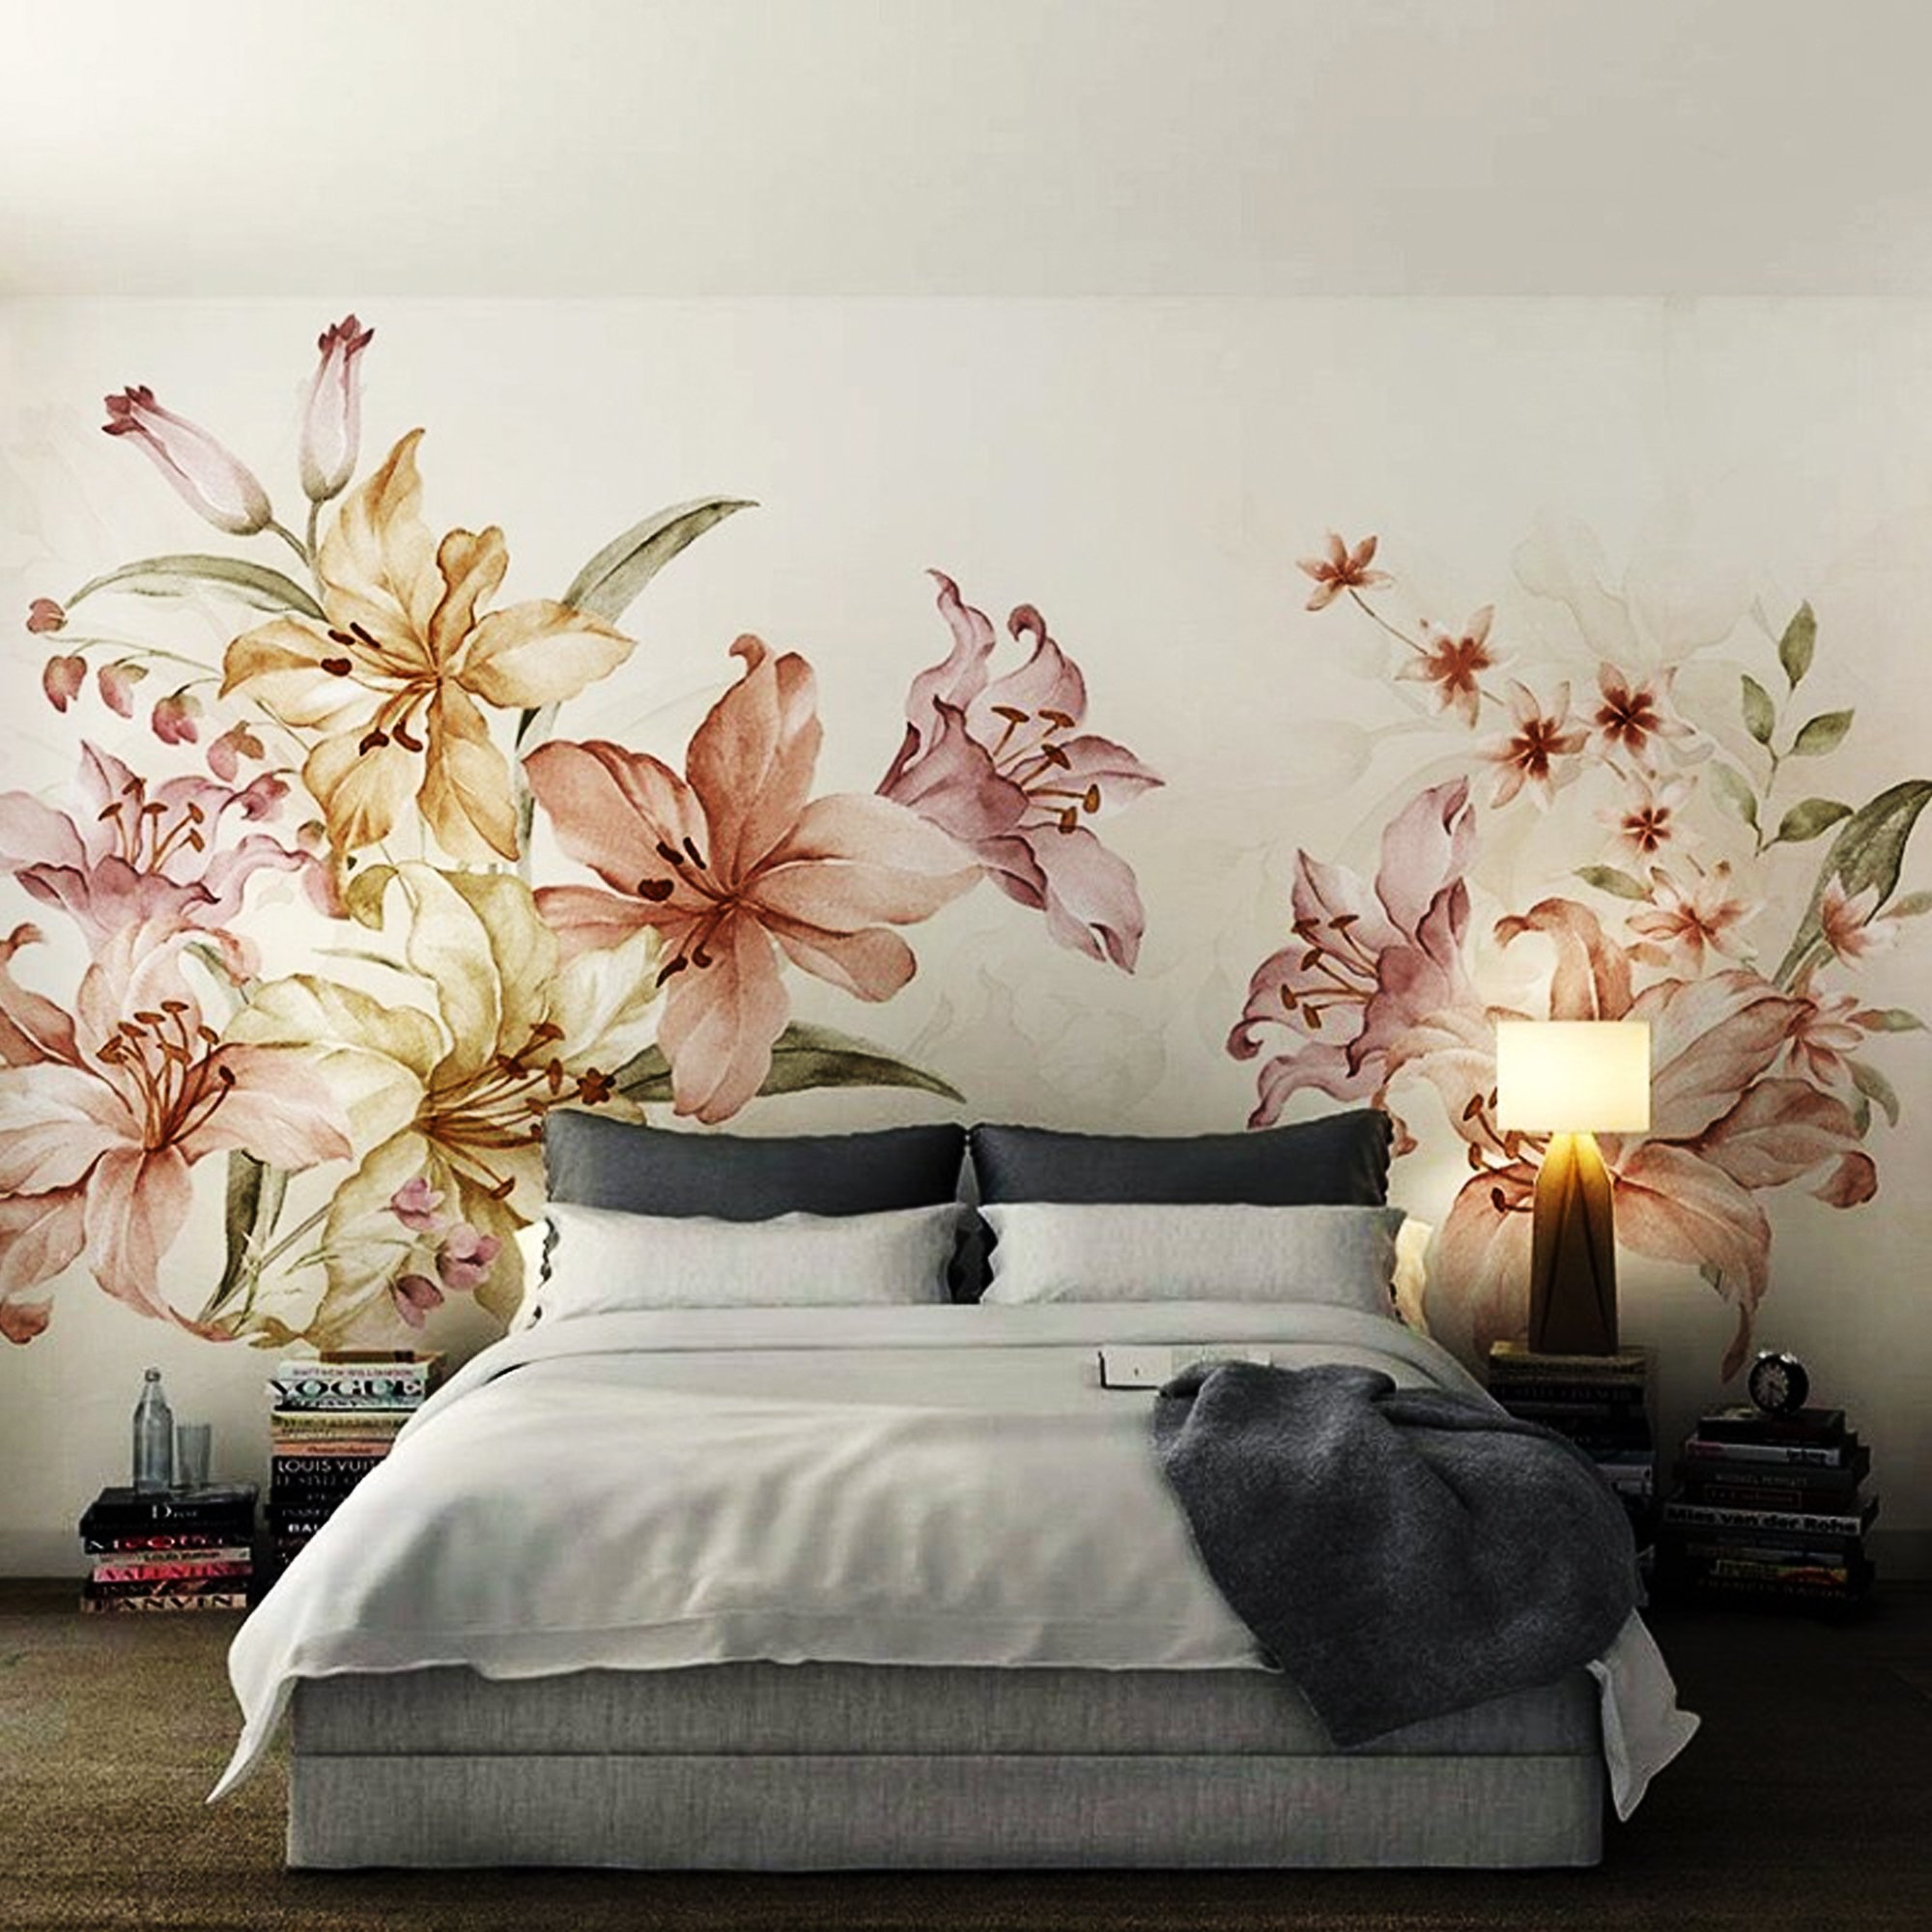 Tranh dán tường sắc màu hoa ly